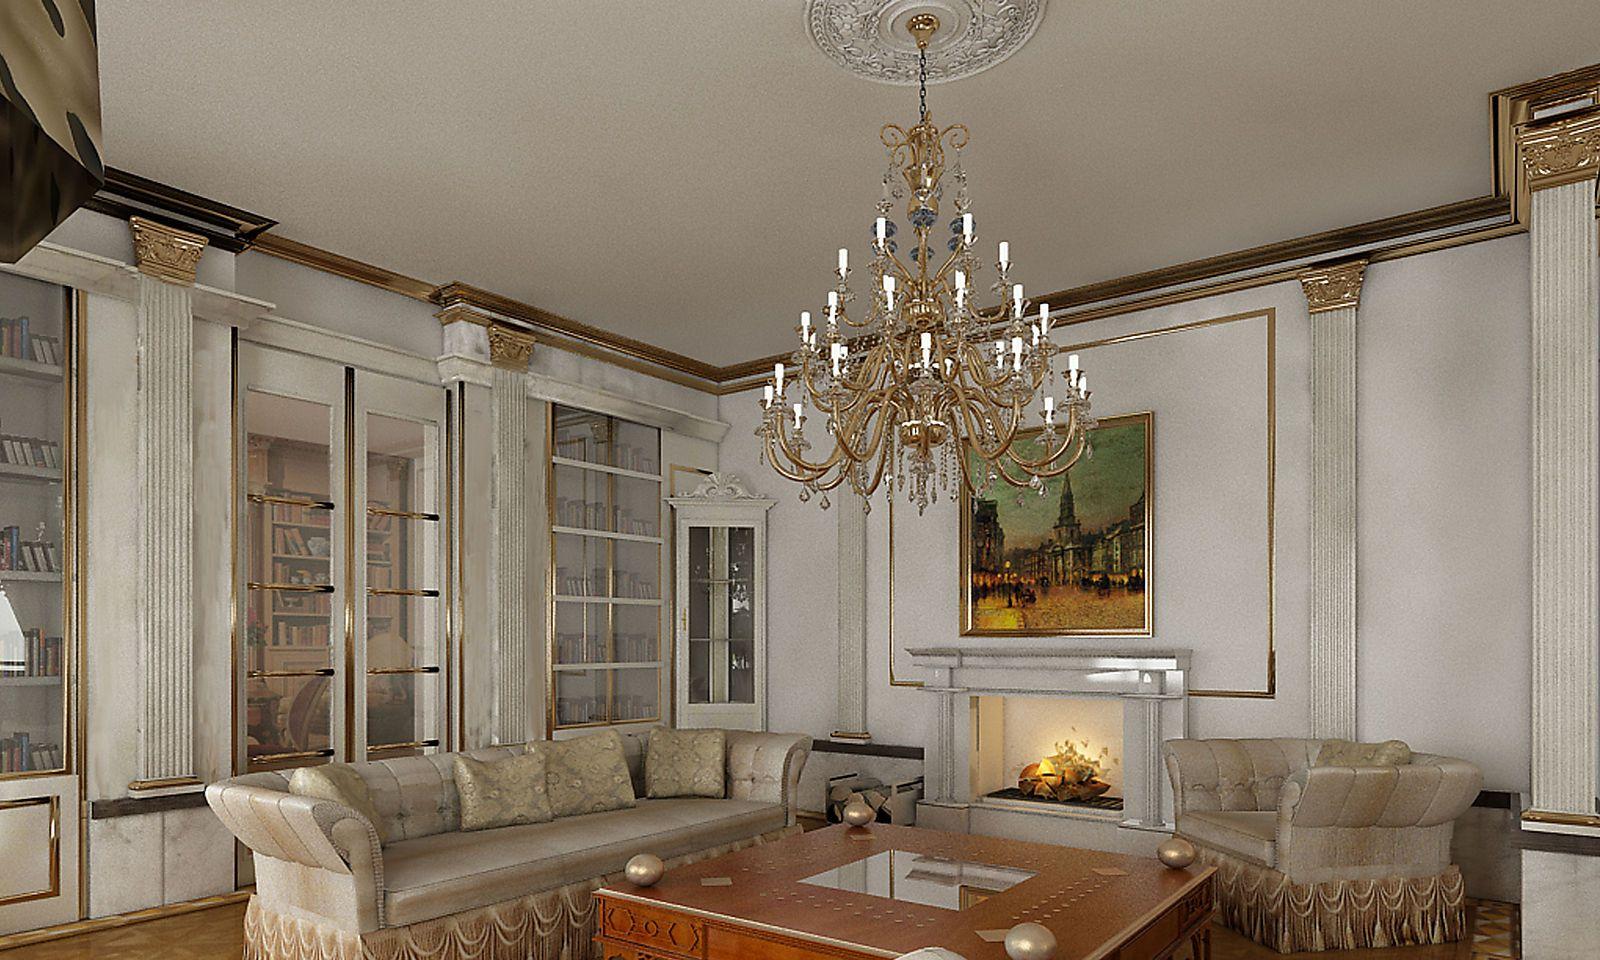 Imperialer Glanz im Erstbezug in der 4,1 Millionen teuren Wohnung in der Wiener Johannesgasse.